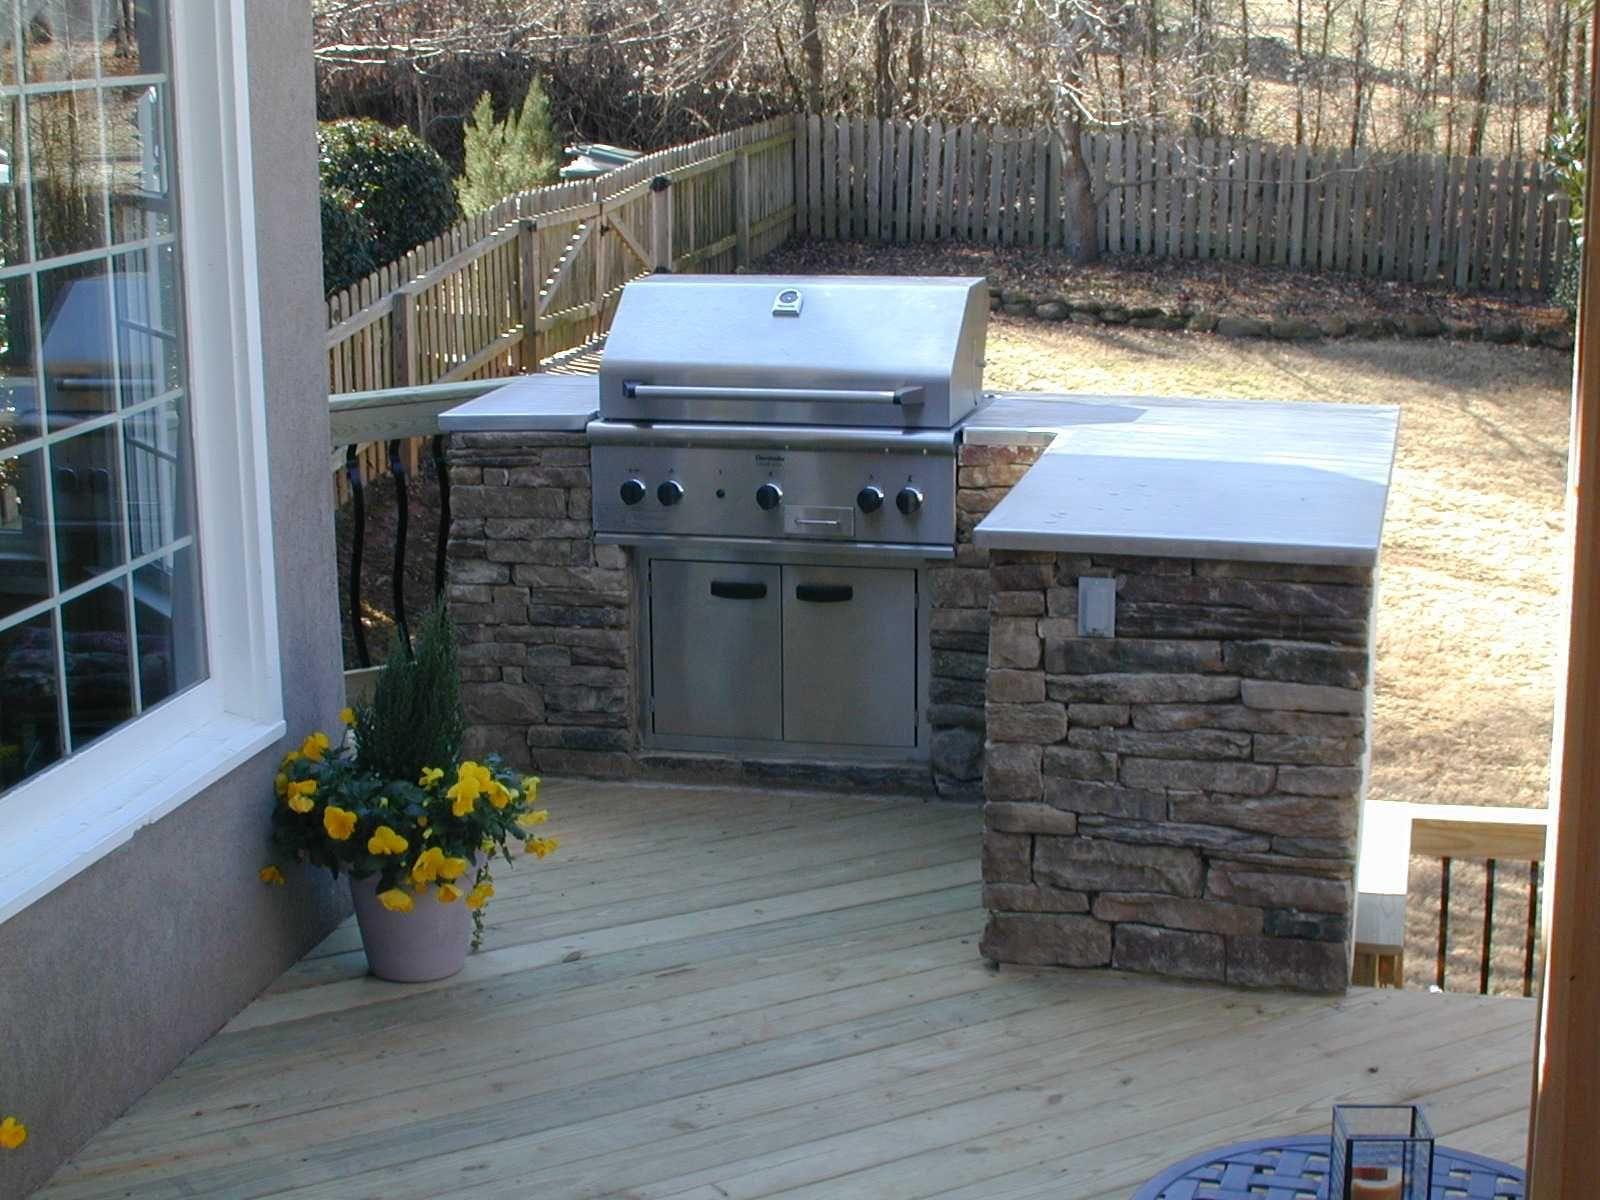 Outdoor Küche Ideen : Atemberaubende outdoor küche ideen sobald sie bereit zu malen